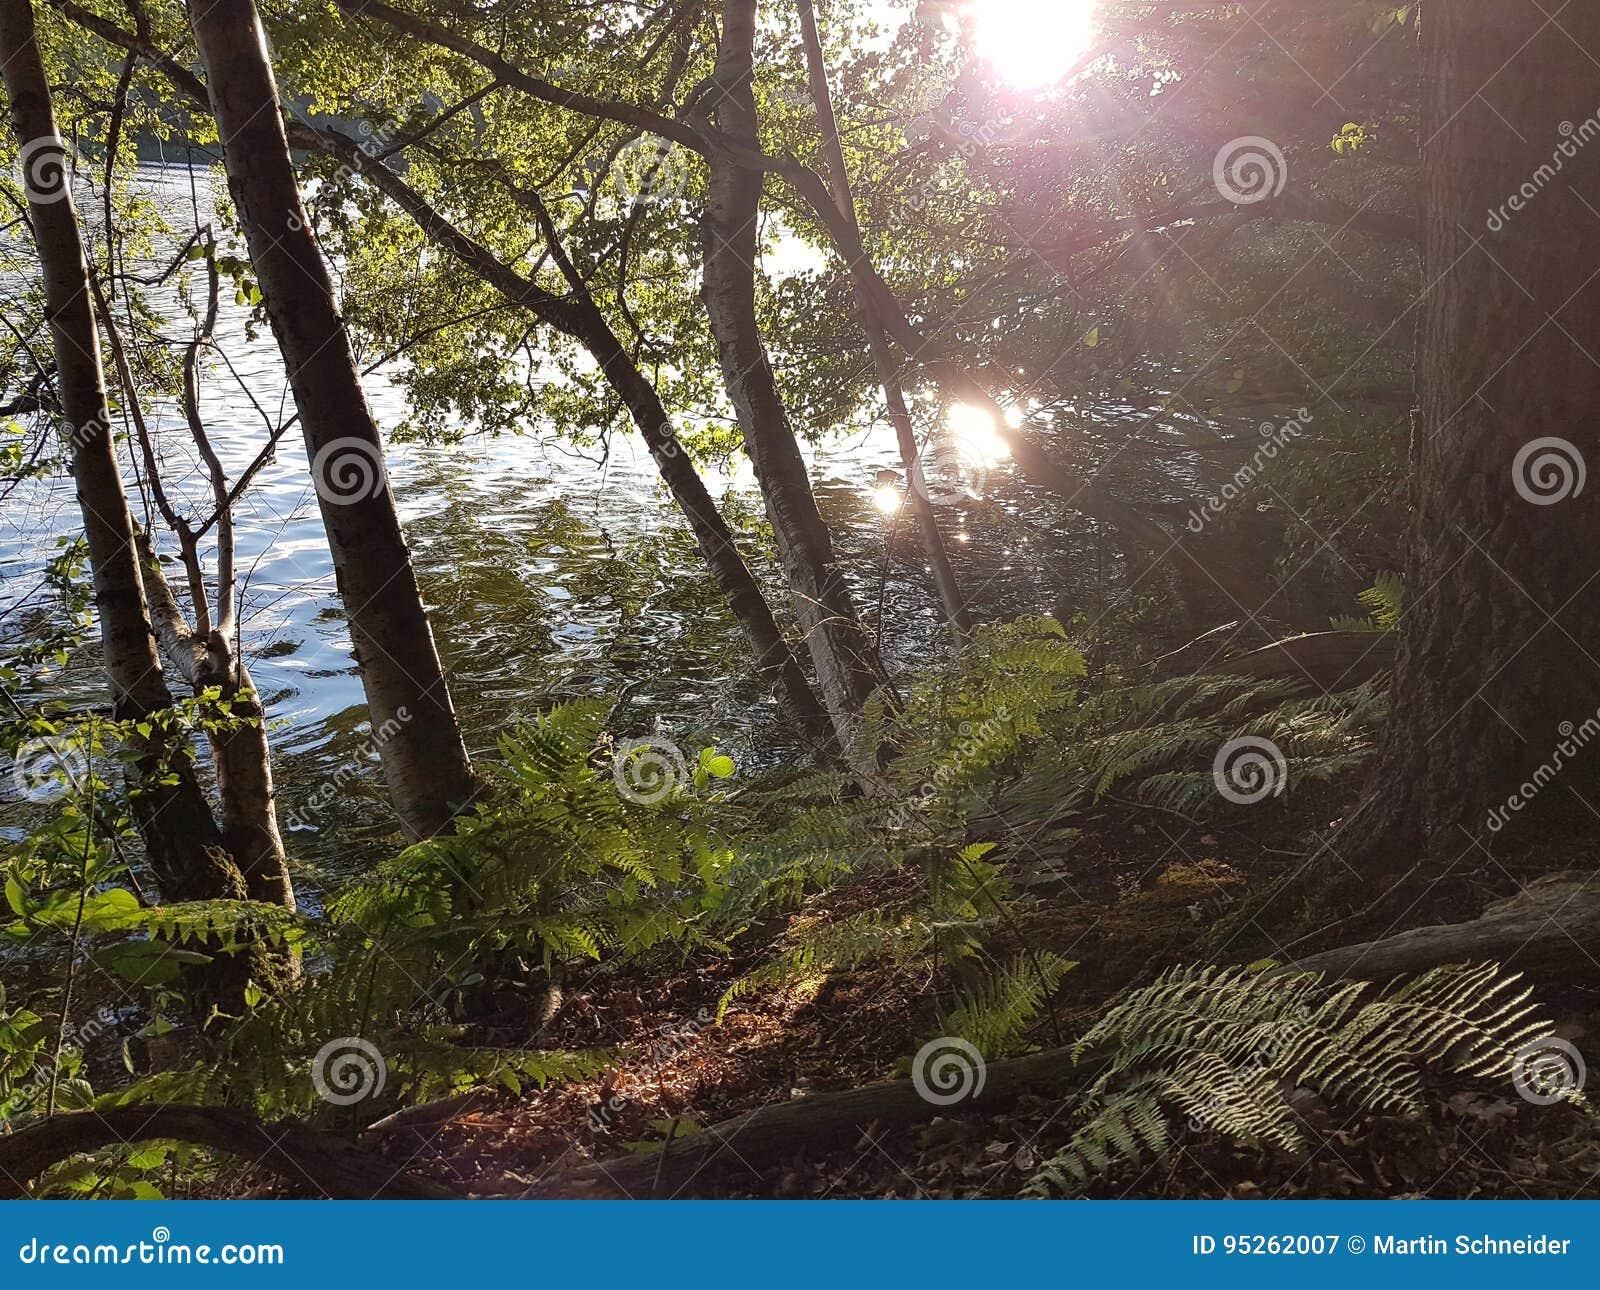 Abhang auf einem See mit Bäumen und Farnen